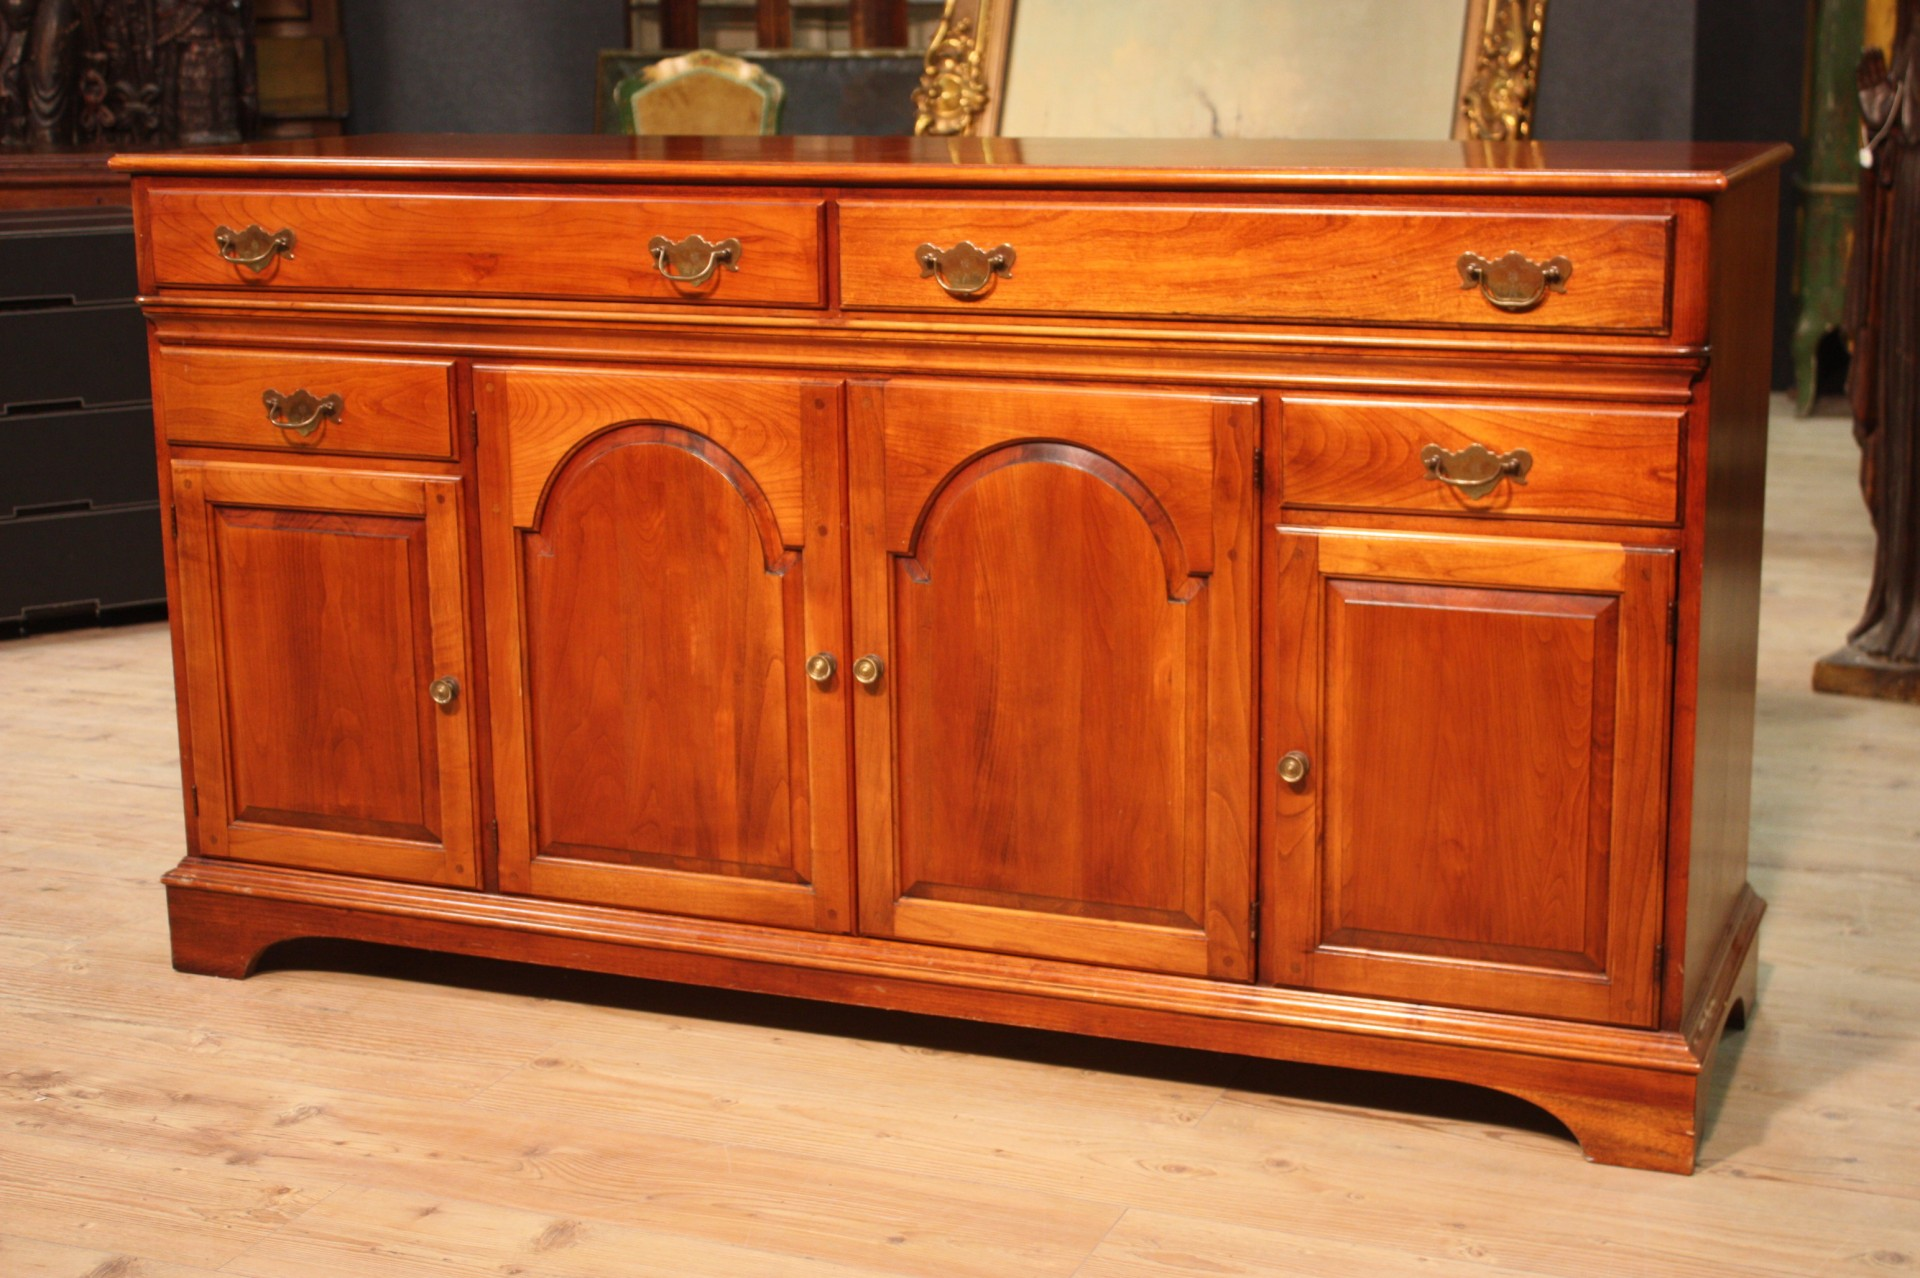 Annuncio credenza europea in legno di tiglio nowarc for Piani di progettazione di mobili in legno